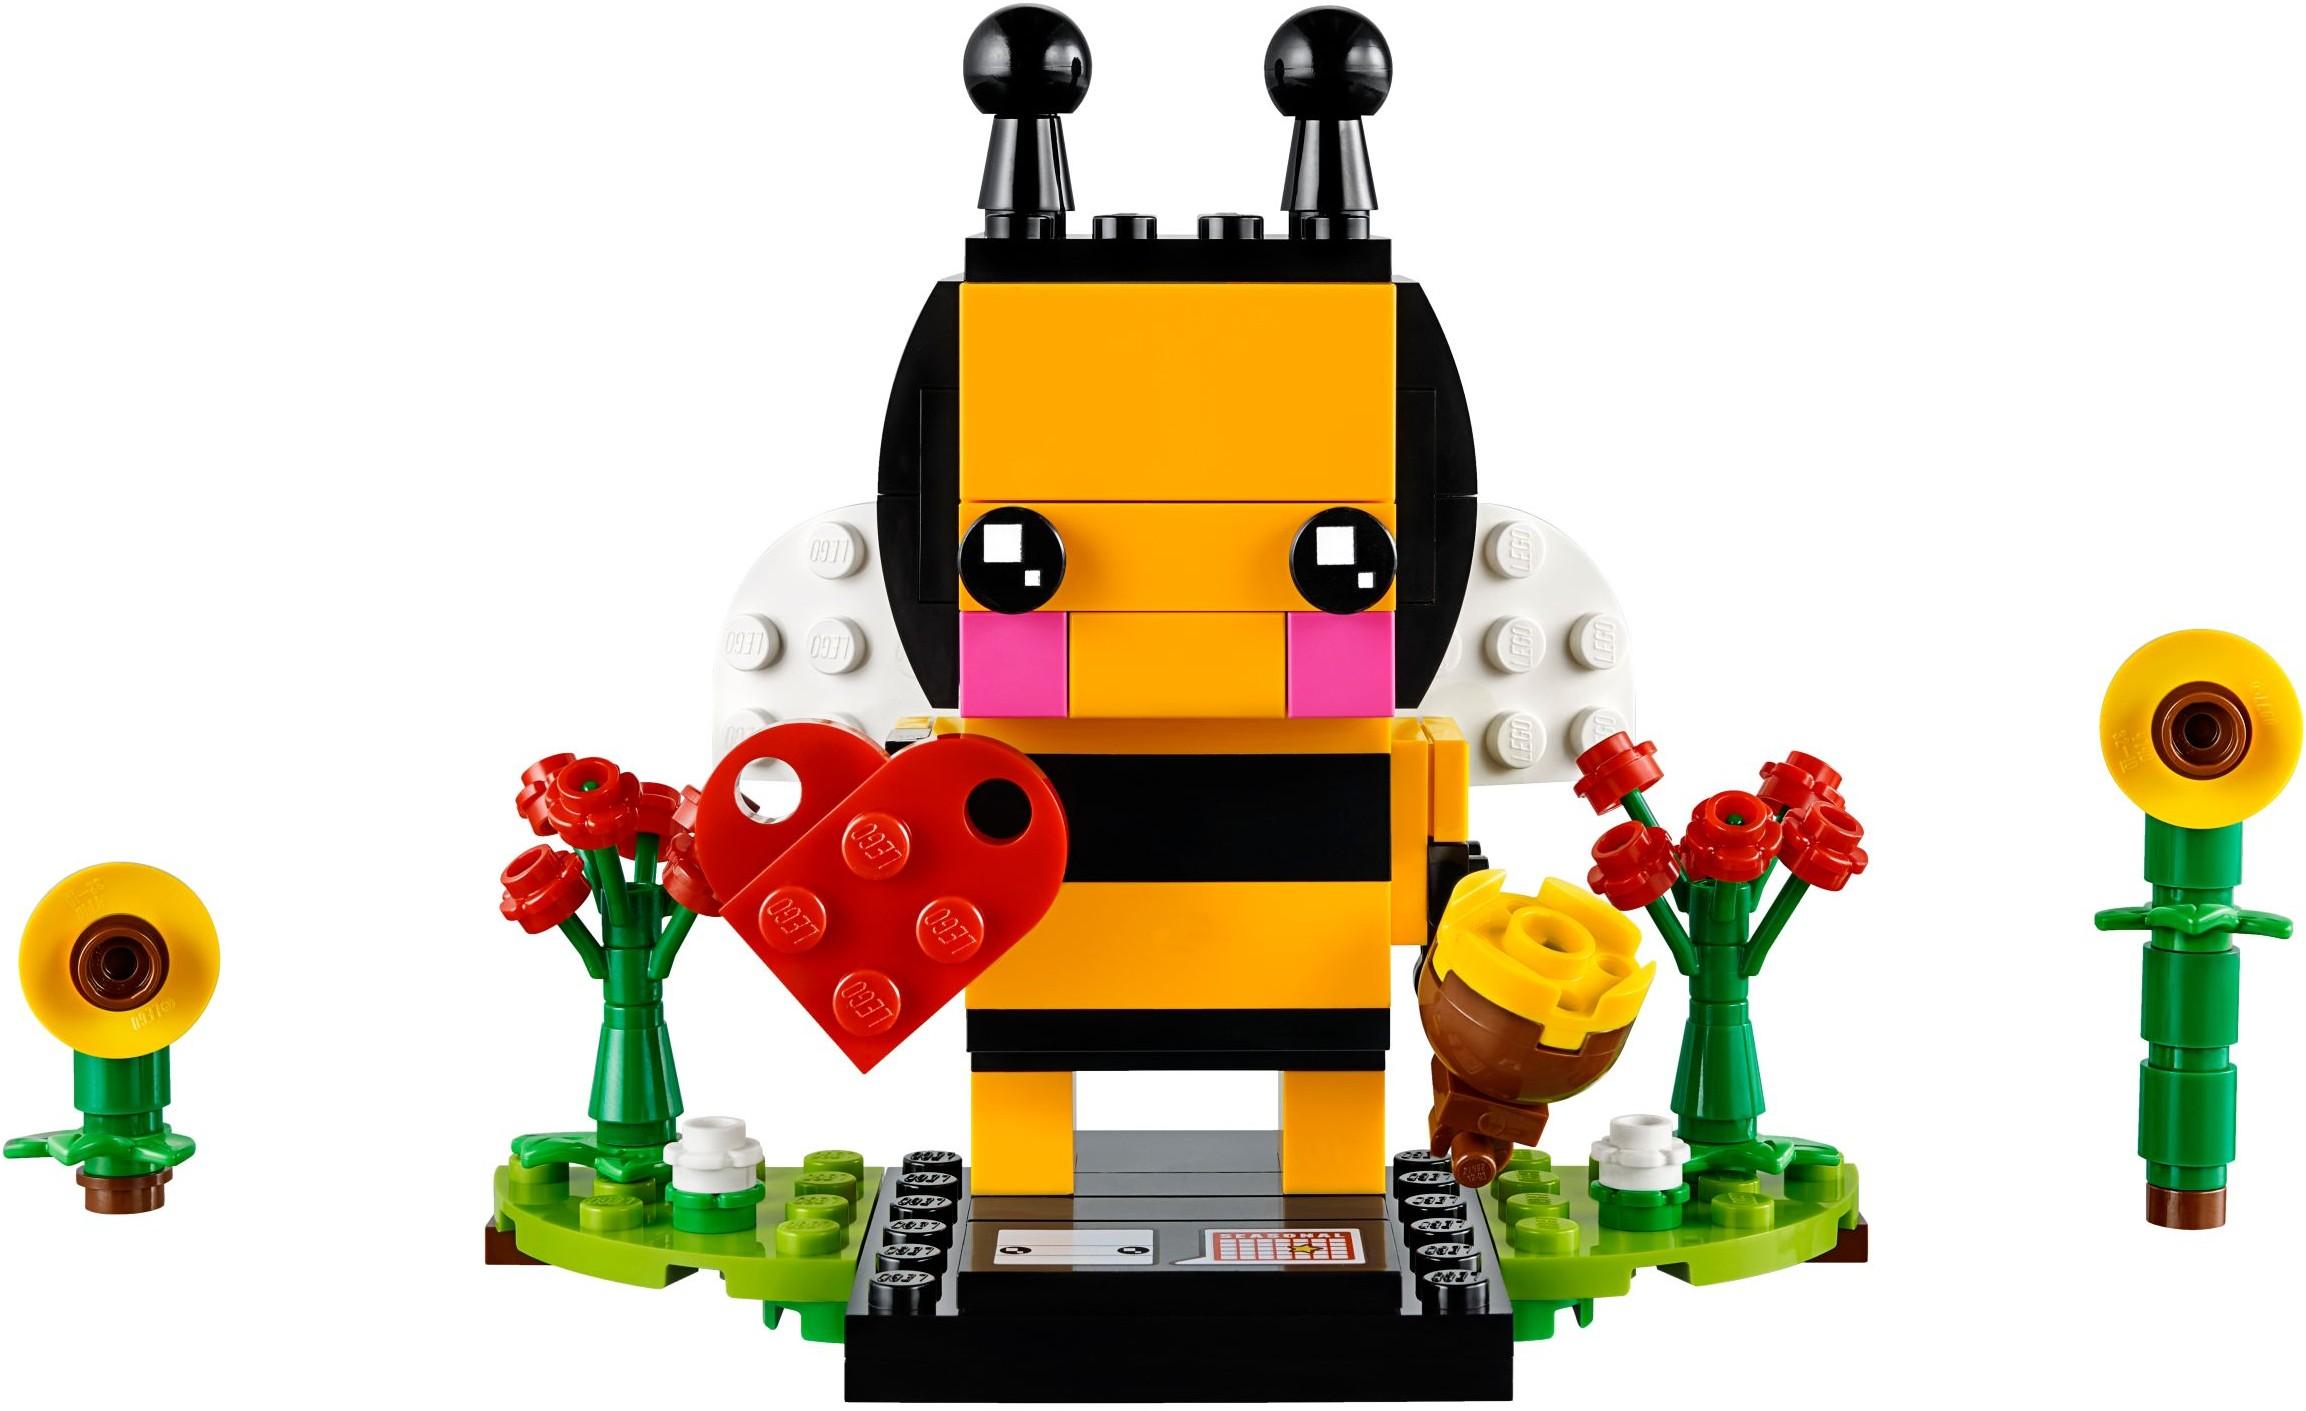 LEGO Brickheadz Valentine's Bee (40270) - $9.99